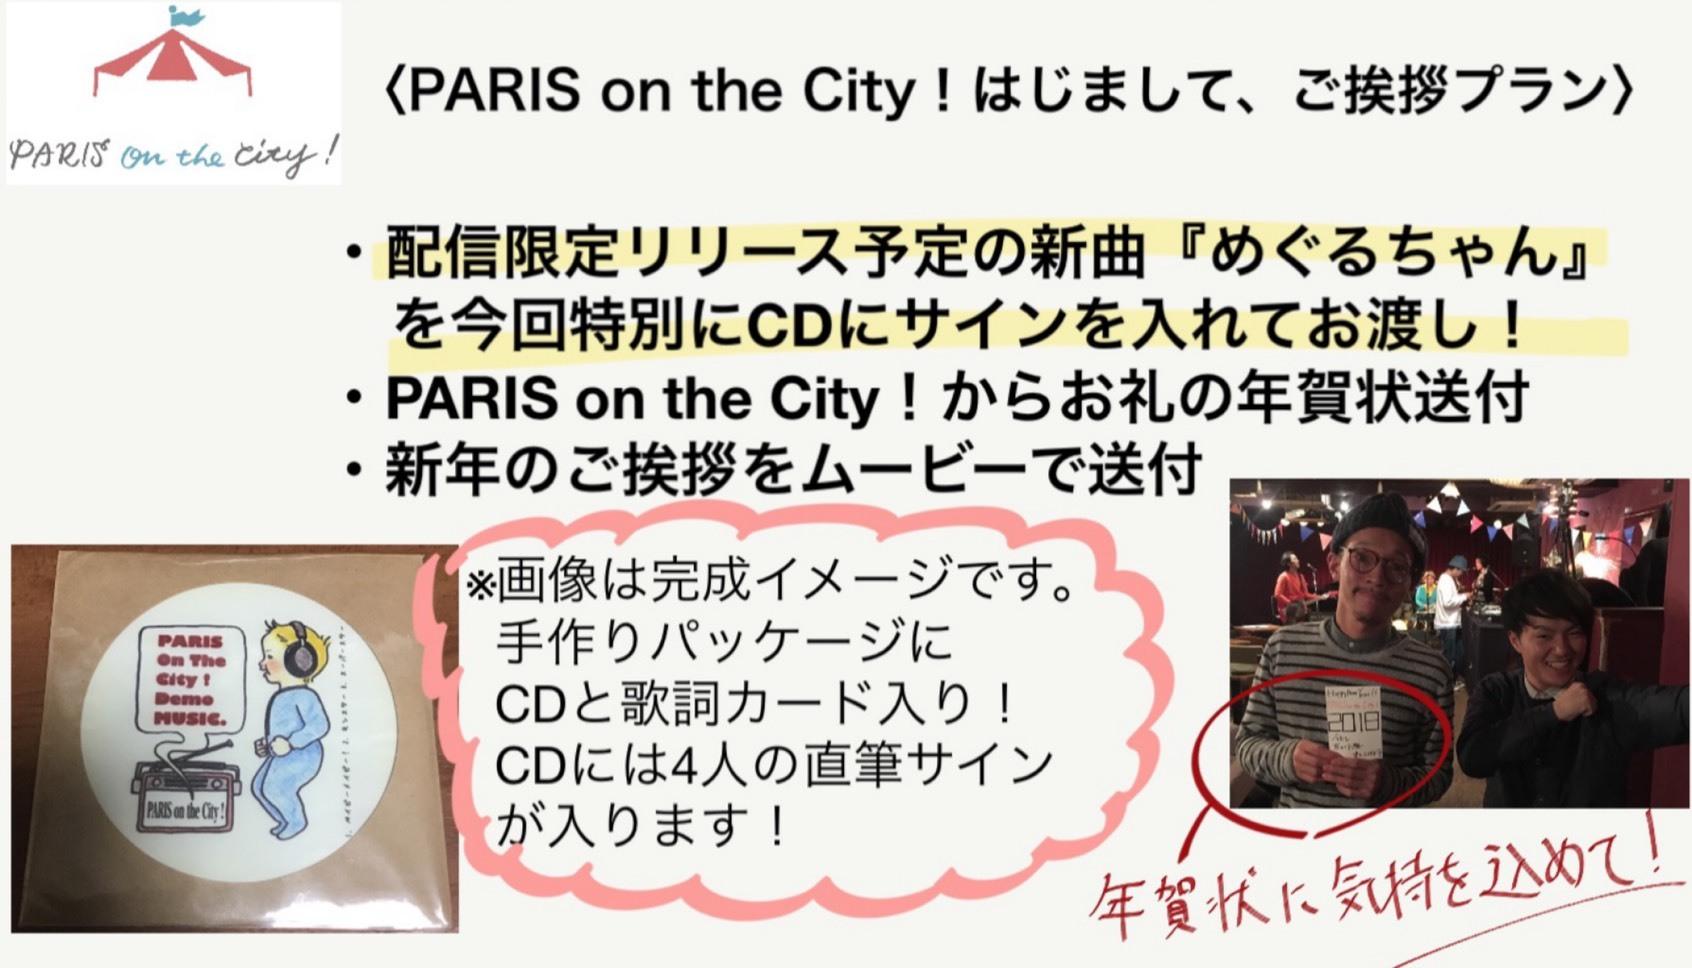 <PARIS on the City!はじめまして、ご挨拶プラン>